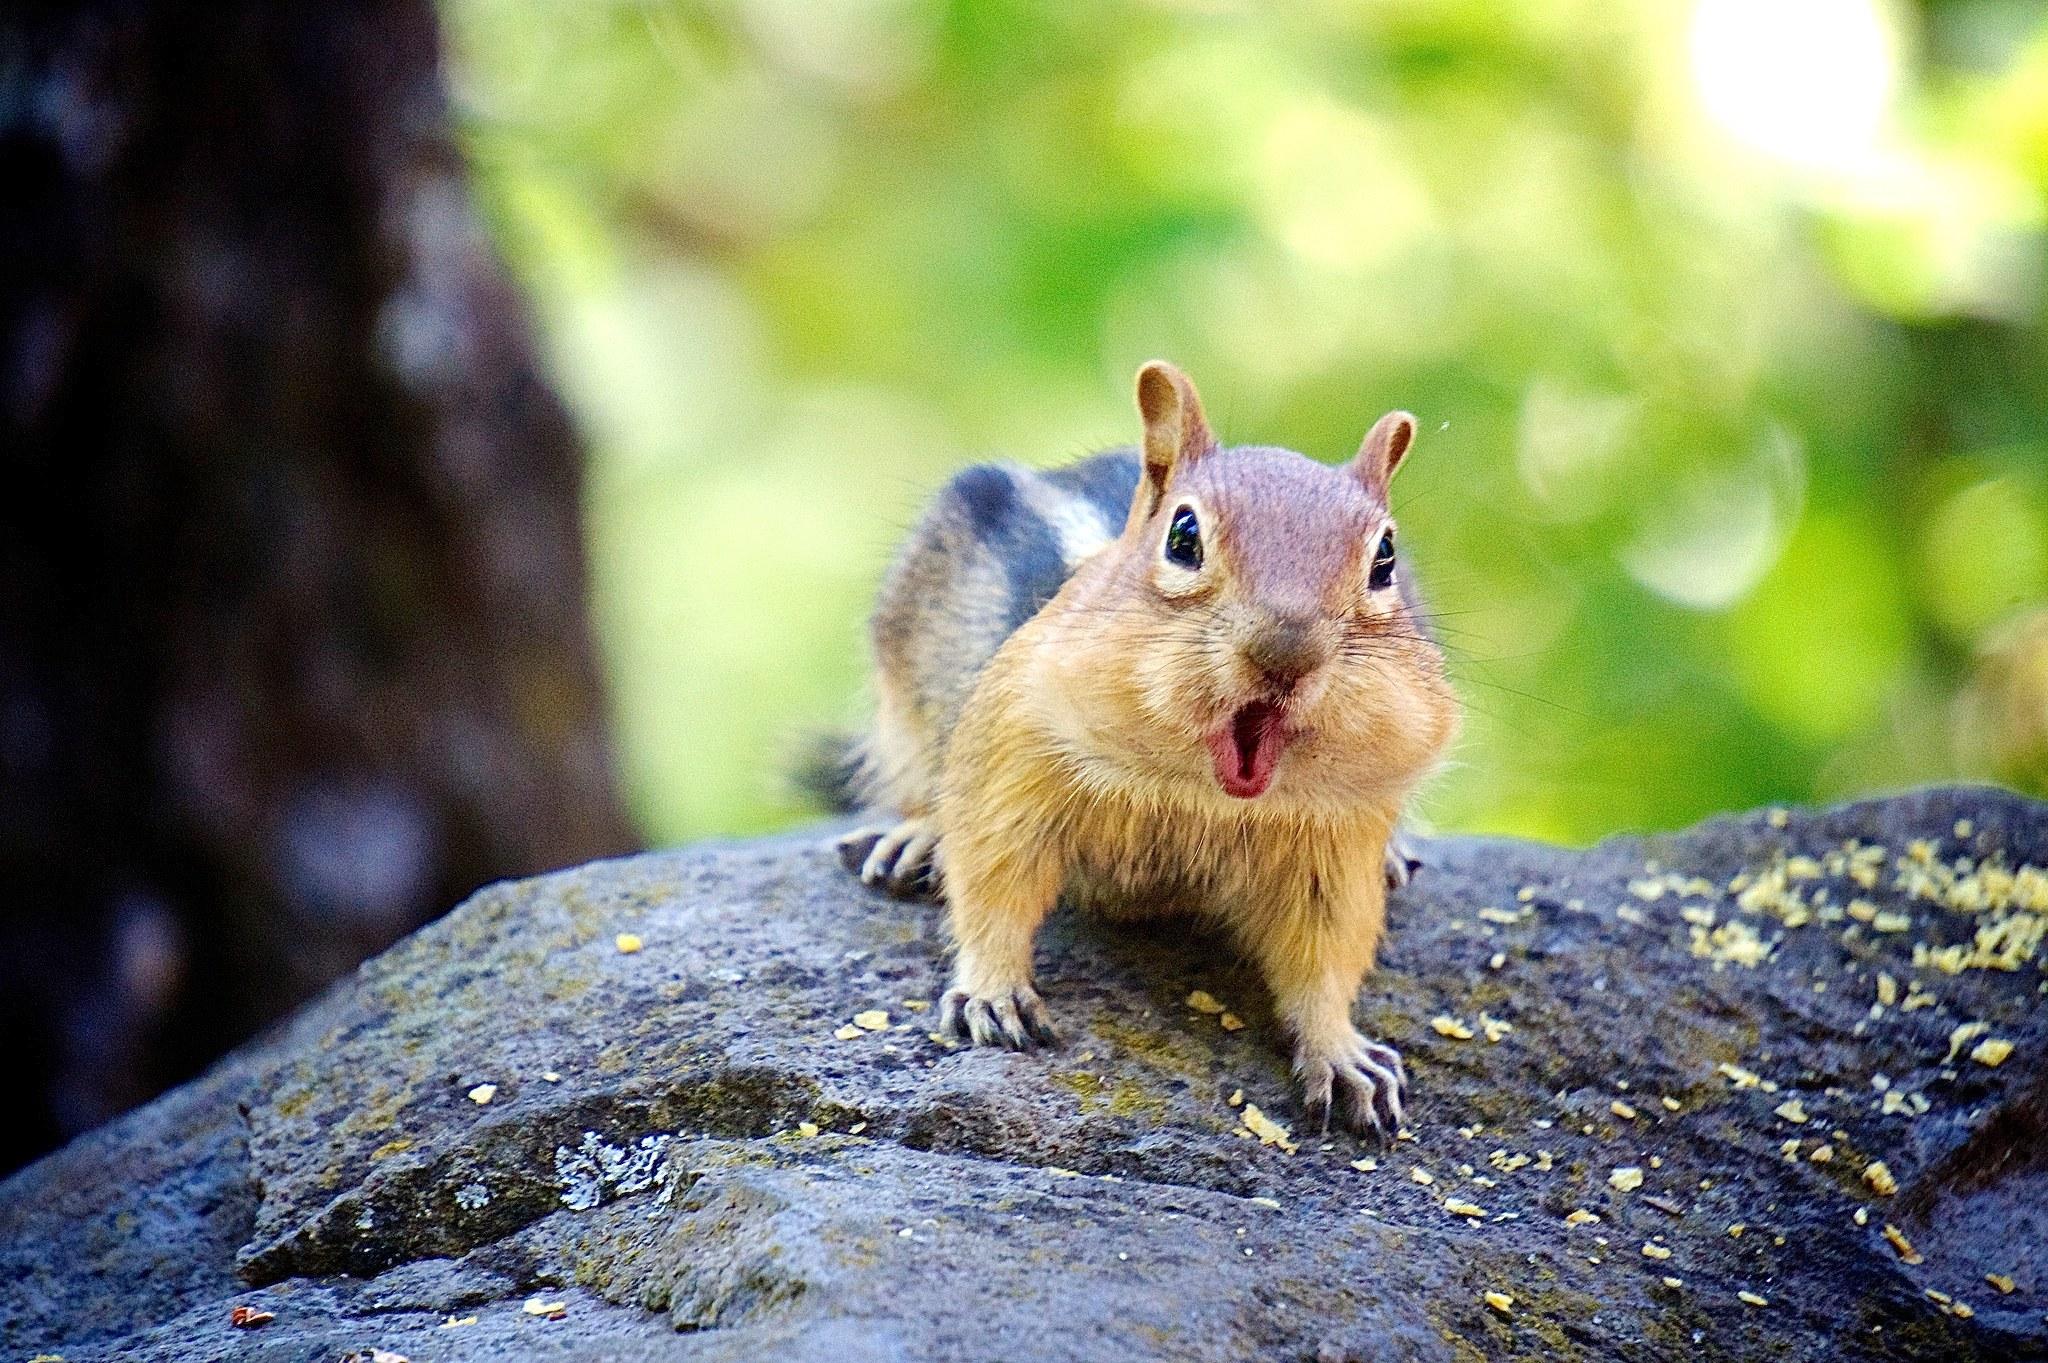 Η μεγαλύτερη απειλή του παγκόσμιου ιστού είναι…οι σκίουροι (vid)